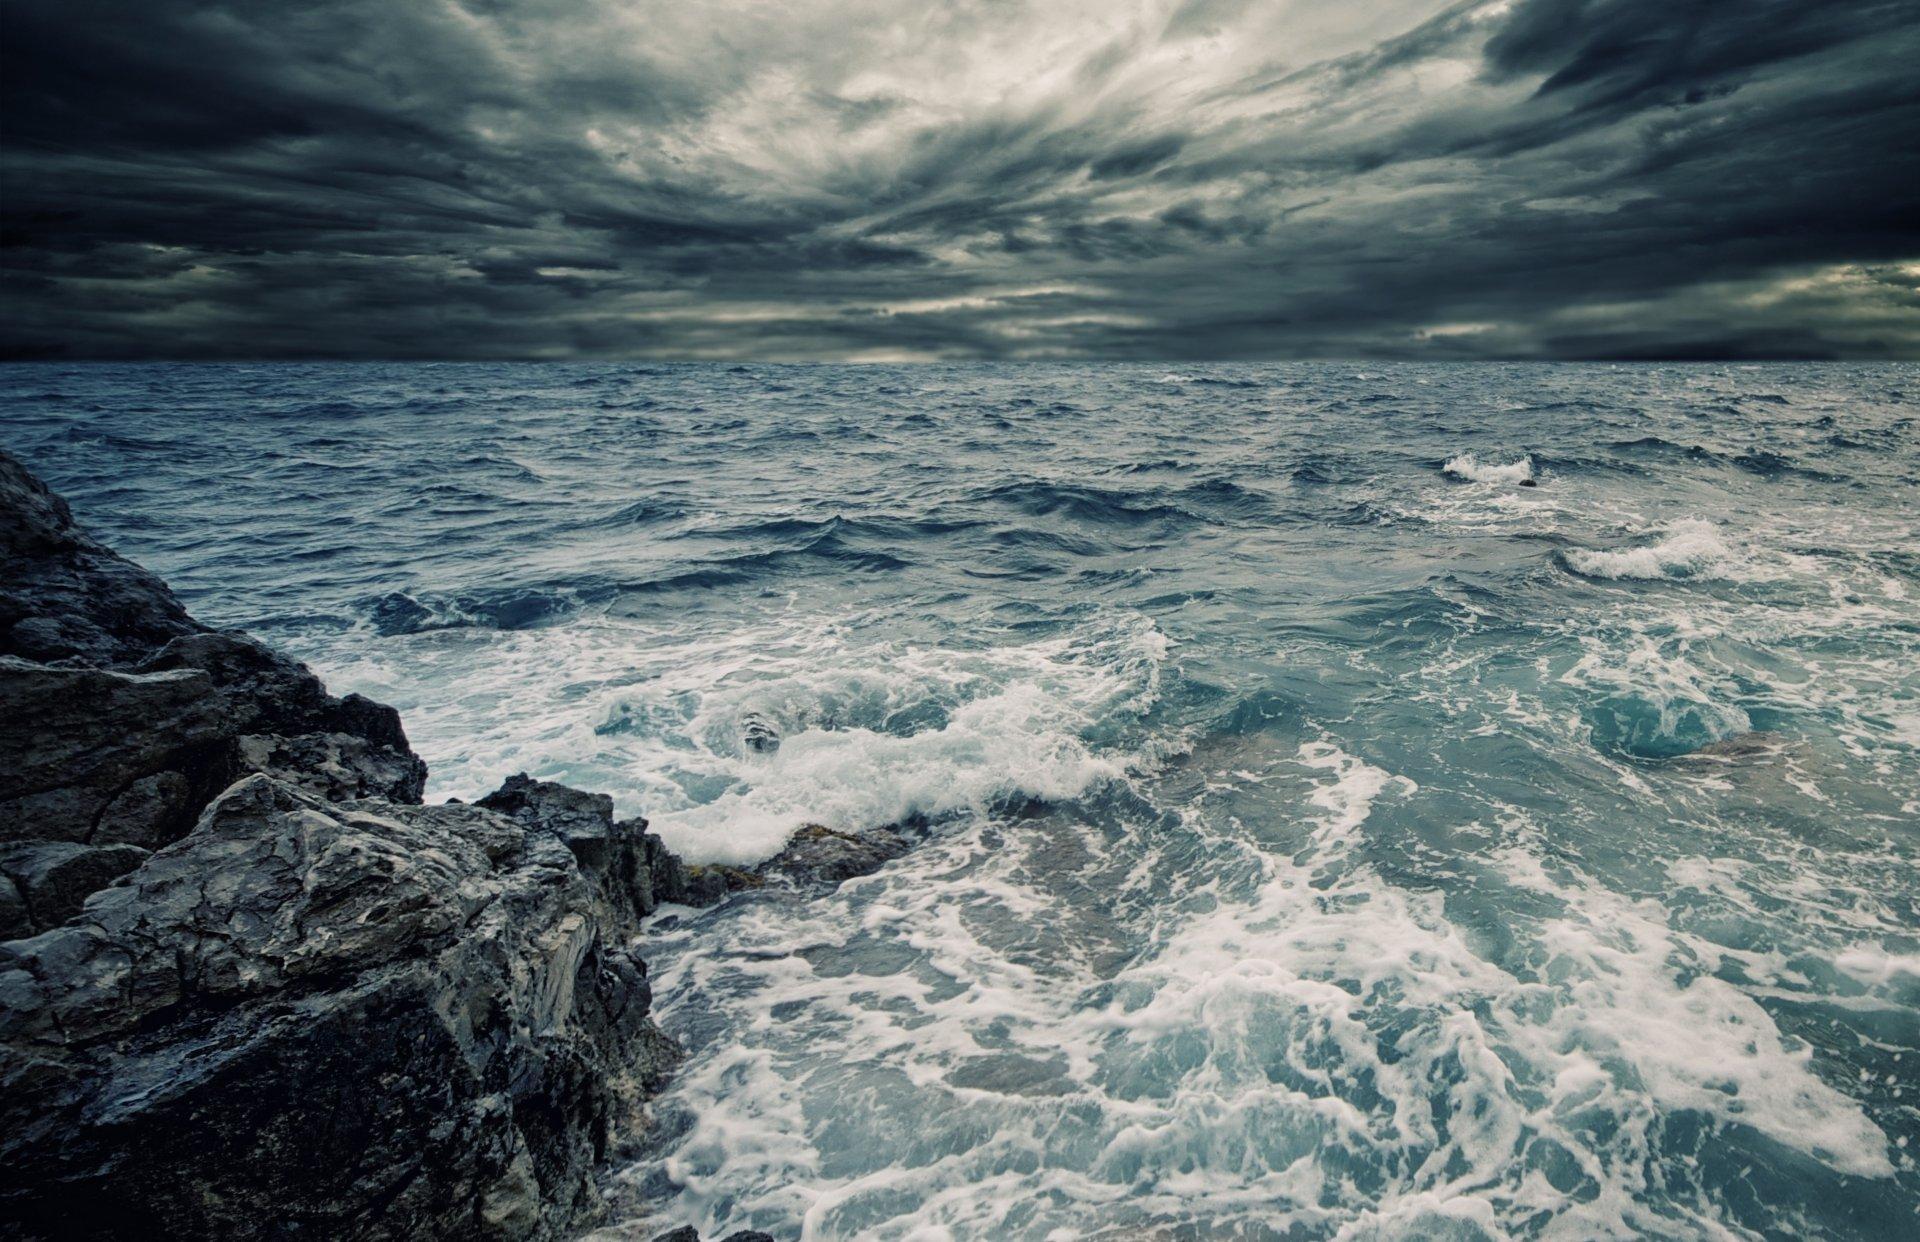 супруг море бушует фото красивые знаменитость